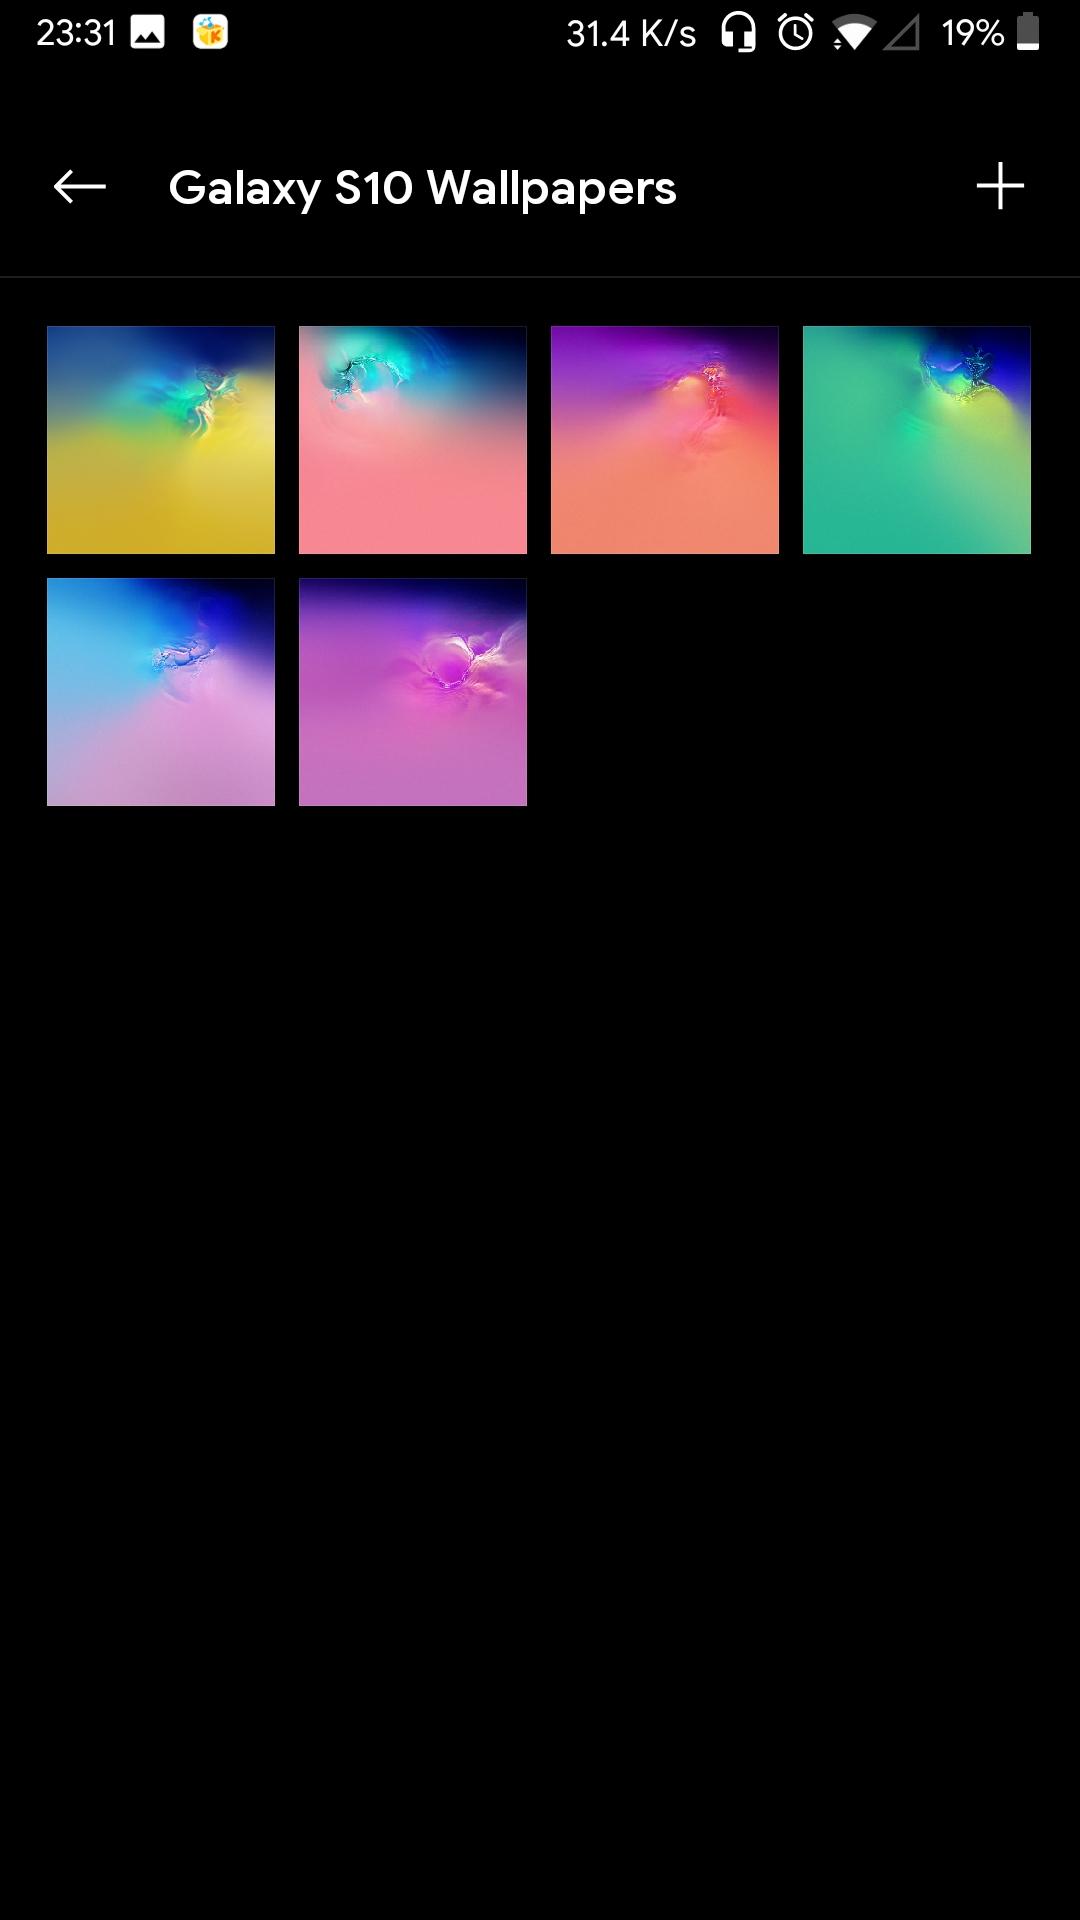 Screenshot_20190305-233103.jpg